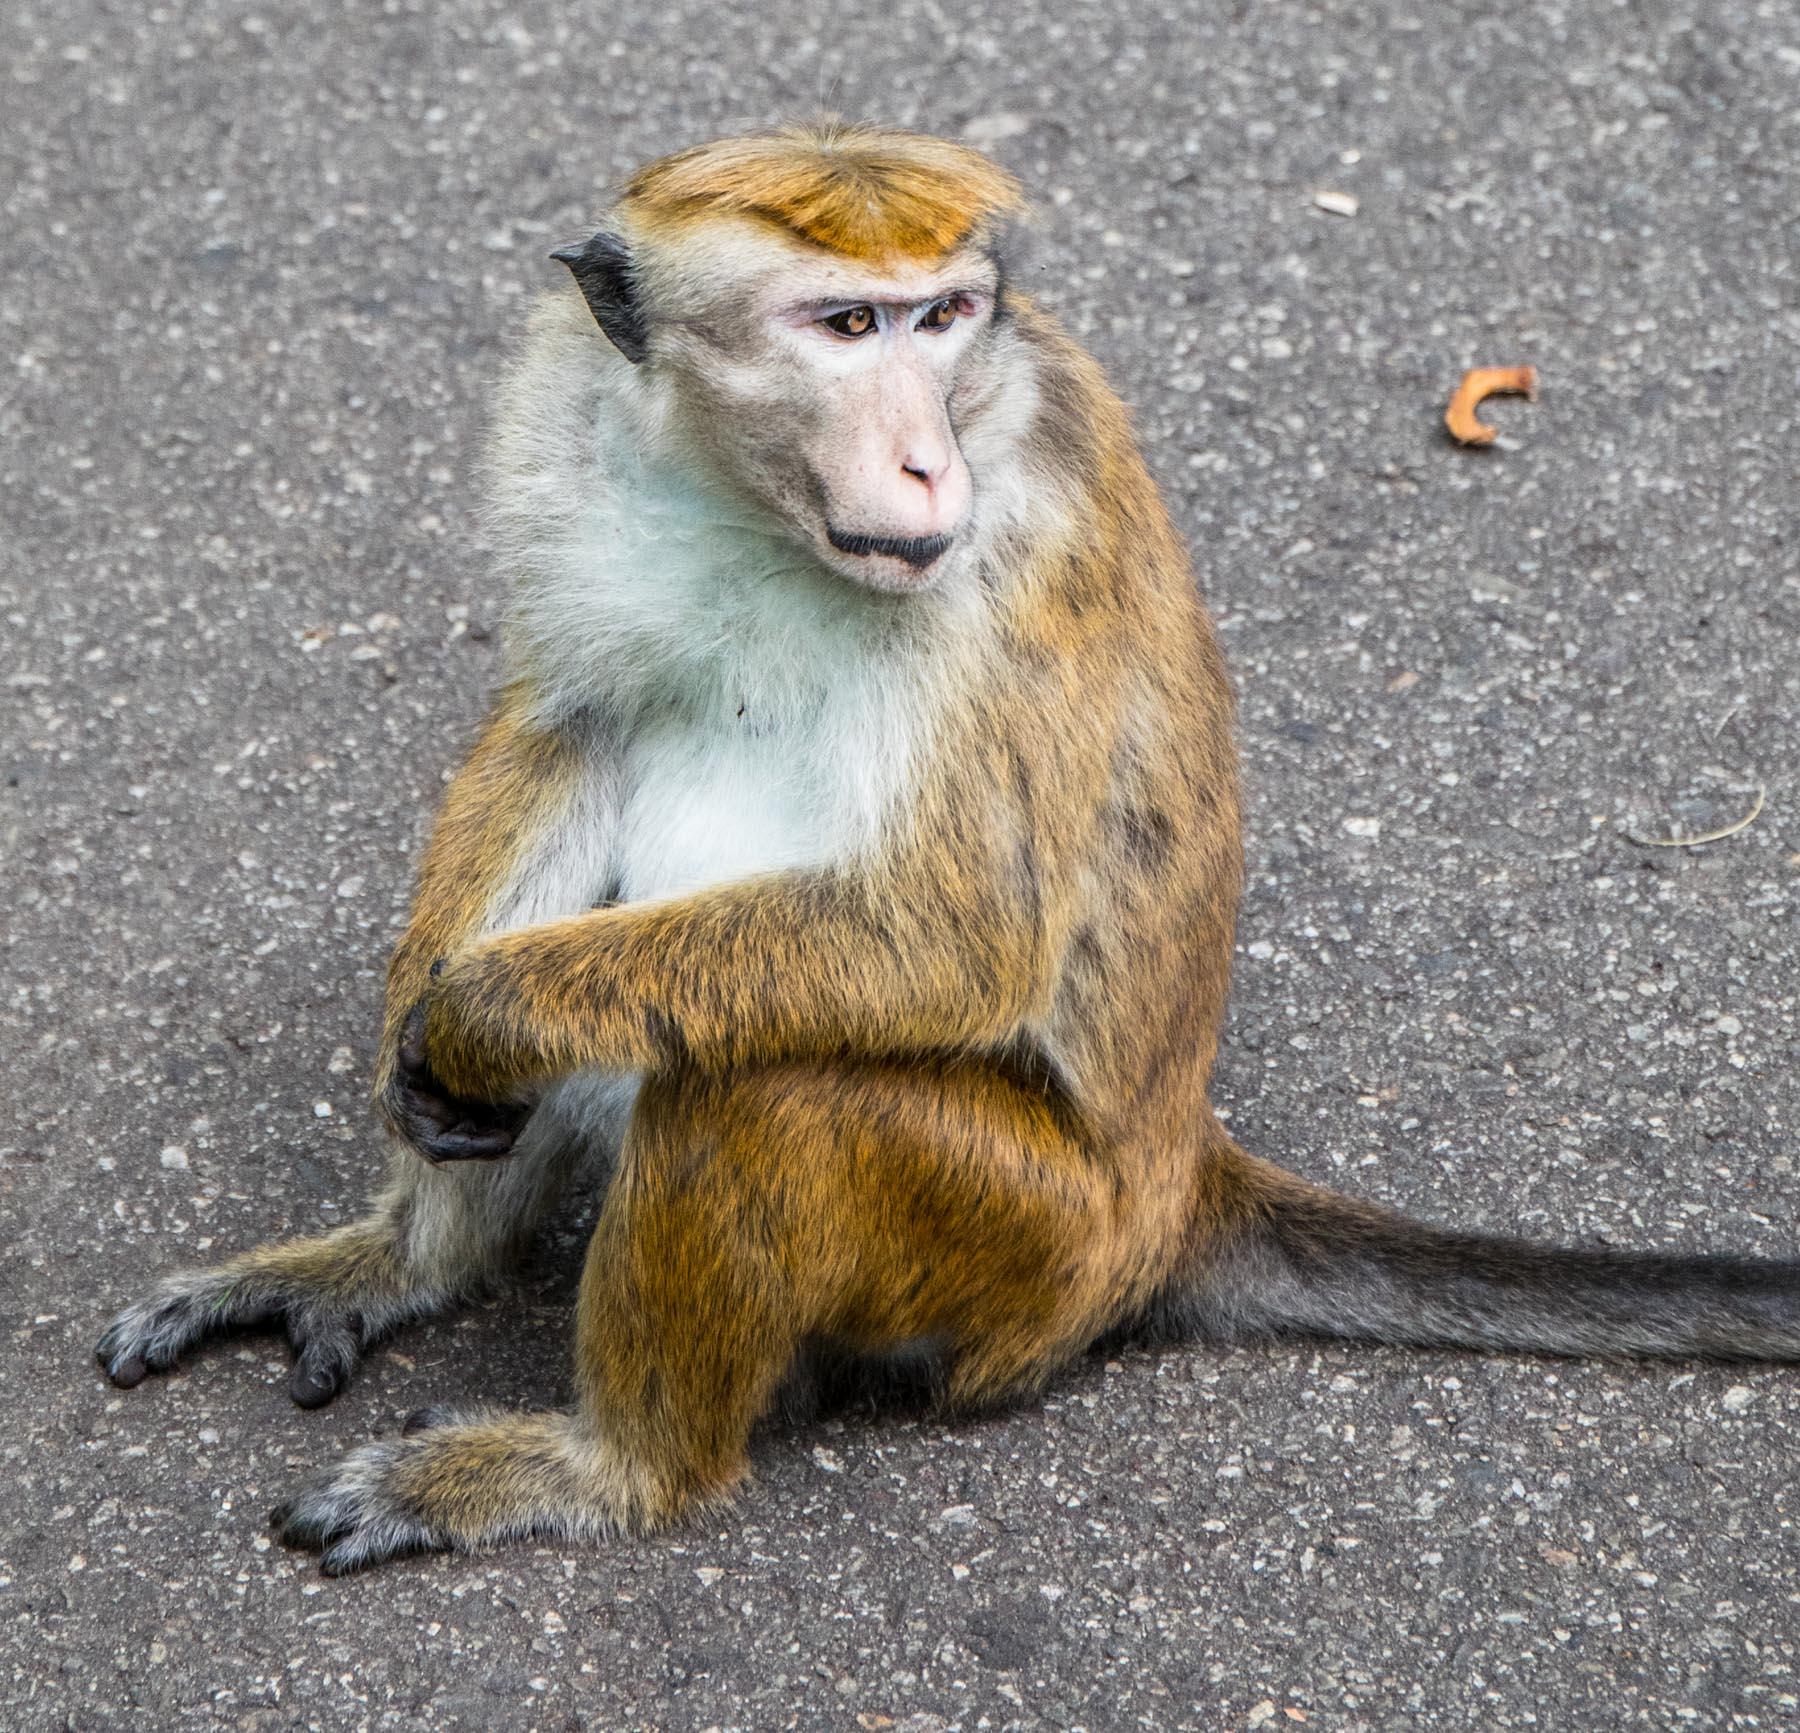 Monkeys in the Royal Botanical Gardens (Peradeniya Park), Kandy, Sri Lanka. Photographed by Shika Finnemore - thebellephant.com